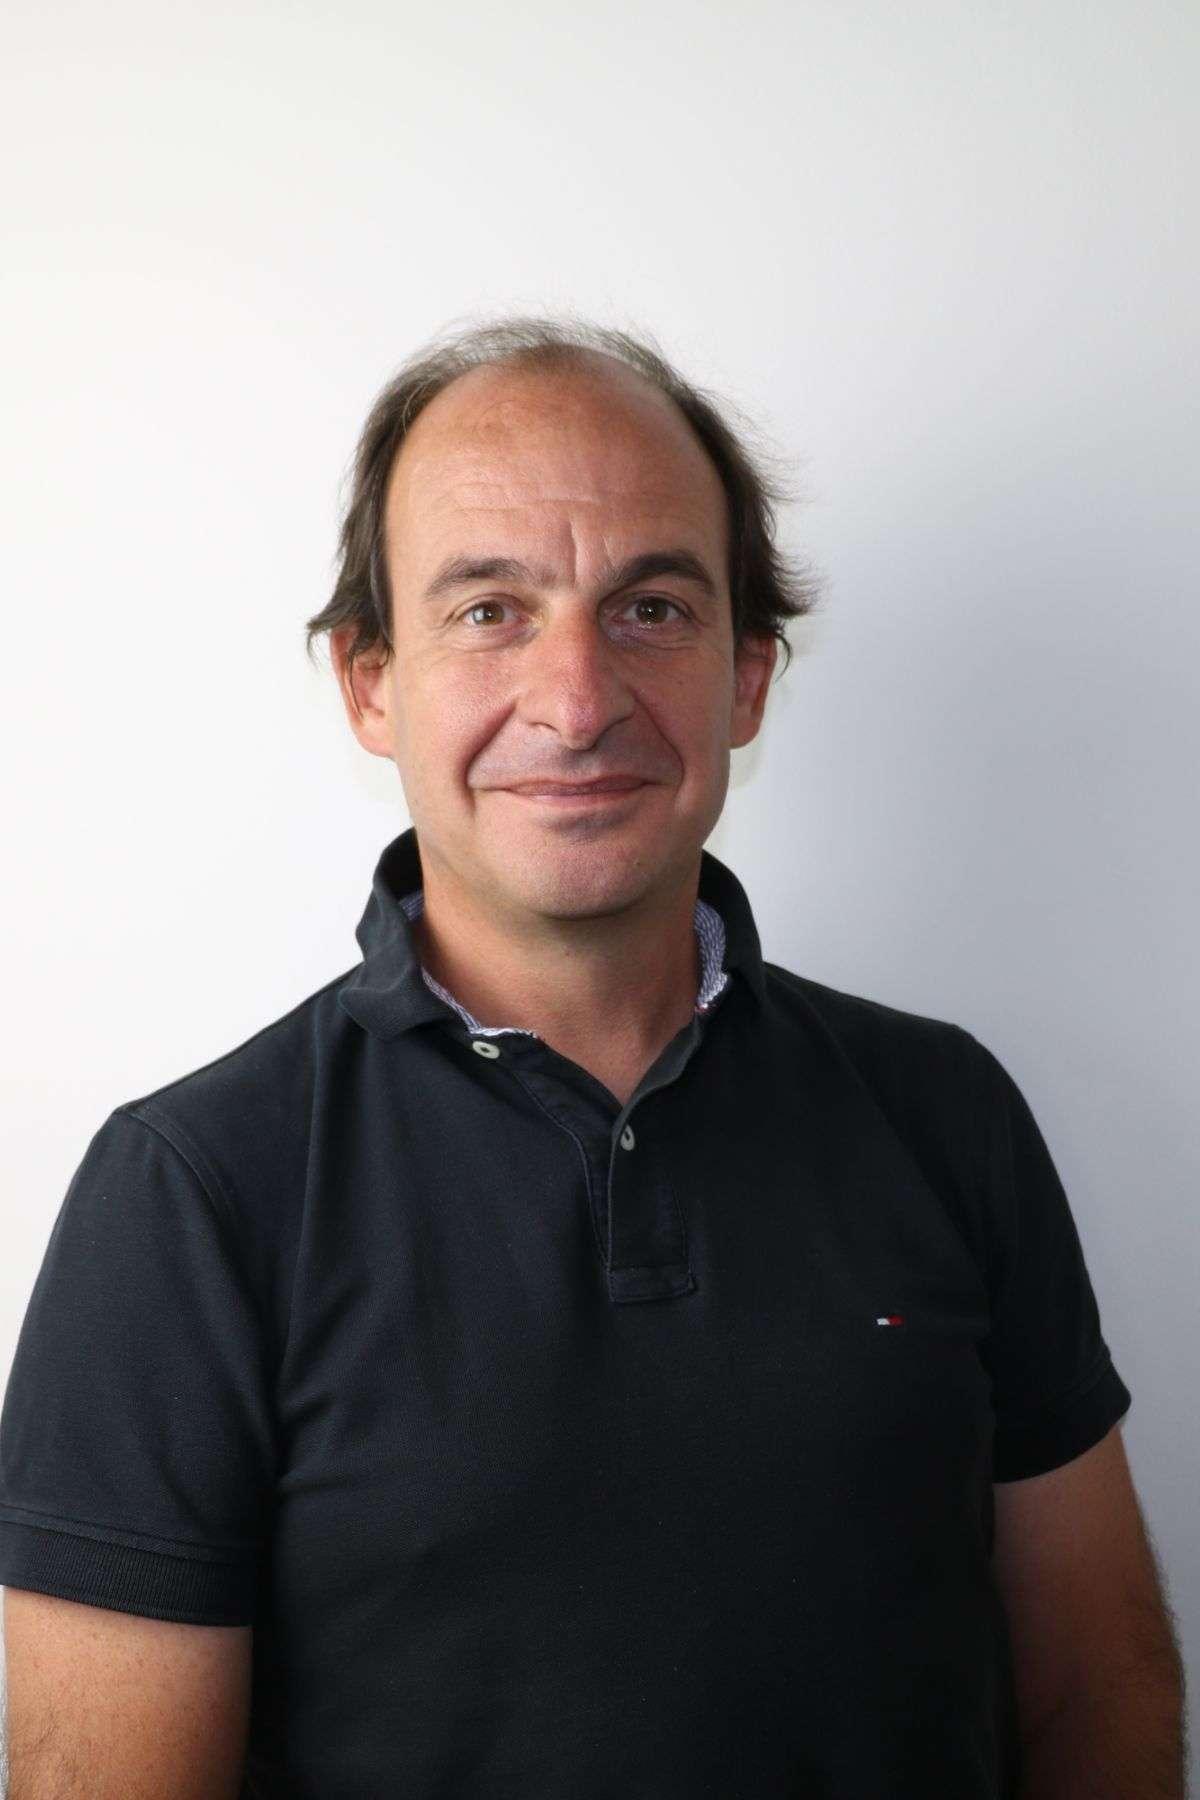 Prof. Dr. med. Jean-Marc Vuissoz